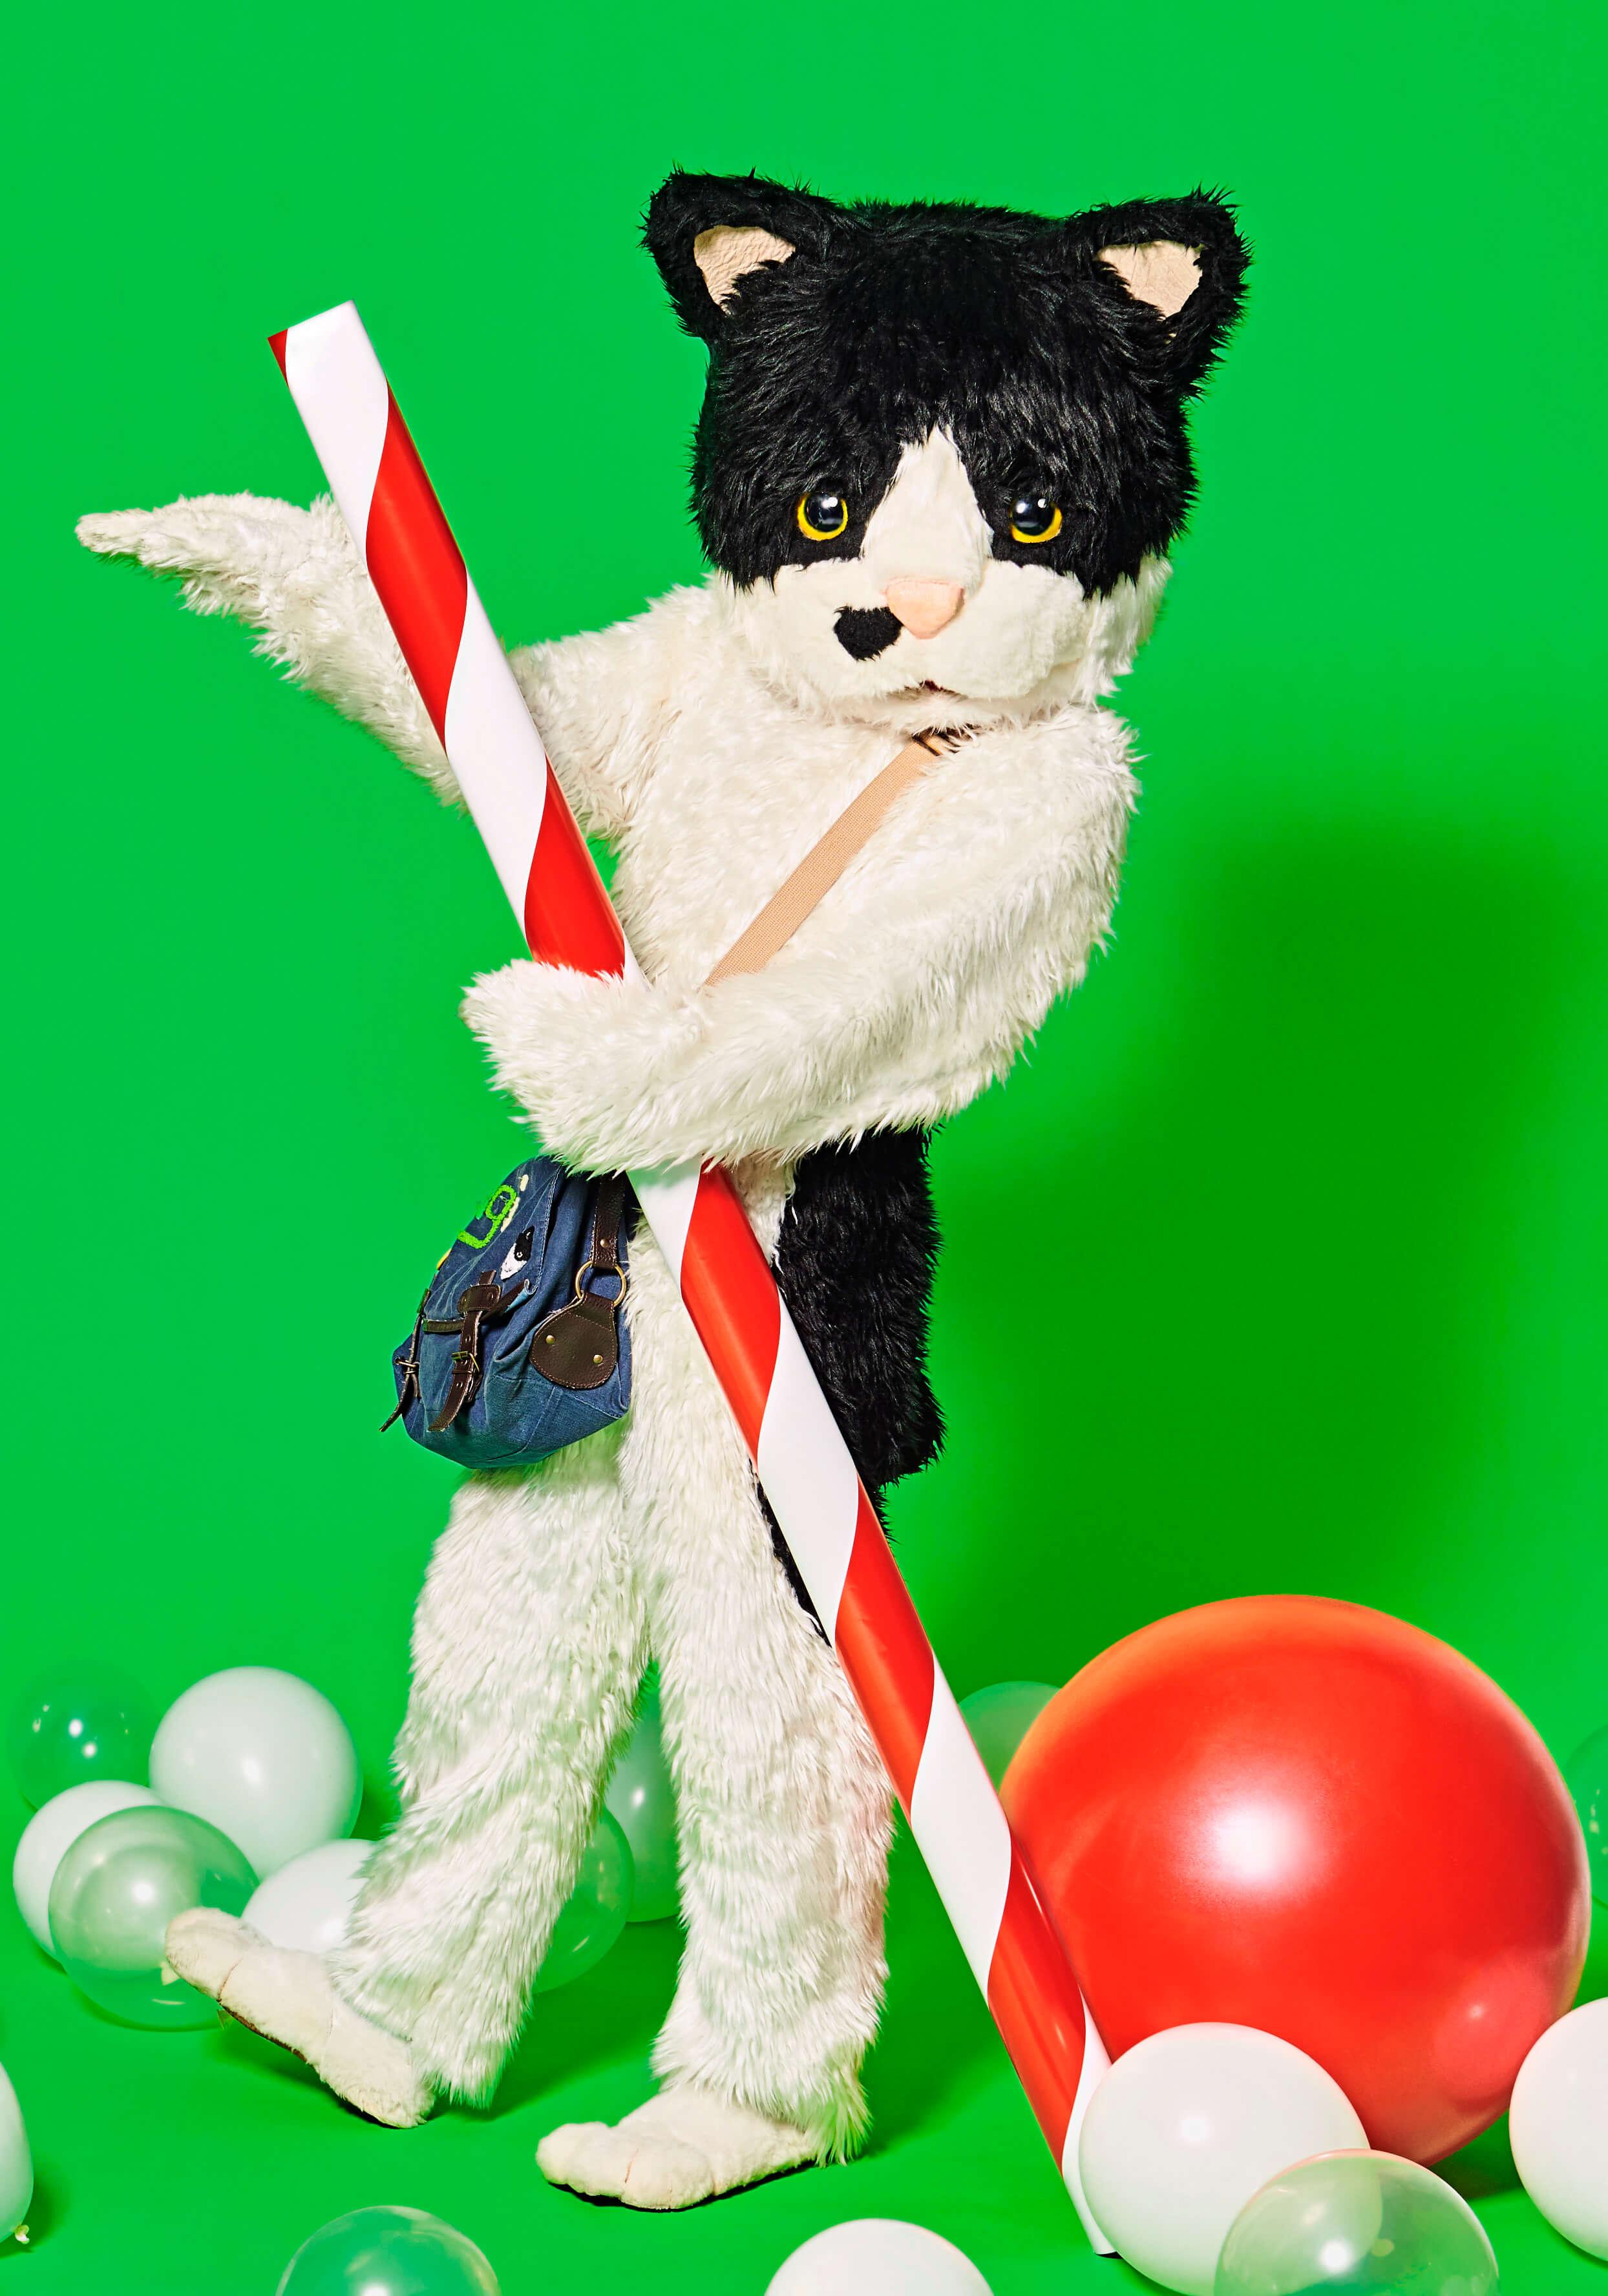 猫のミュージシャン むぎ(猫) 、スペシャ&ビクターLINE LIVEにてメジャーデビュー直前スペシャル番組を緊急配信